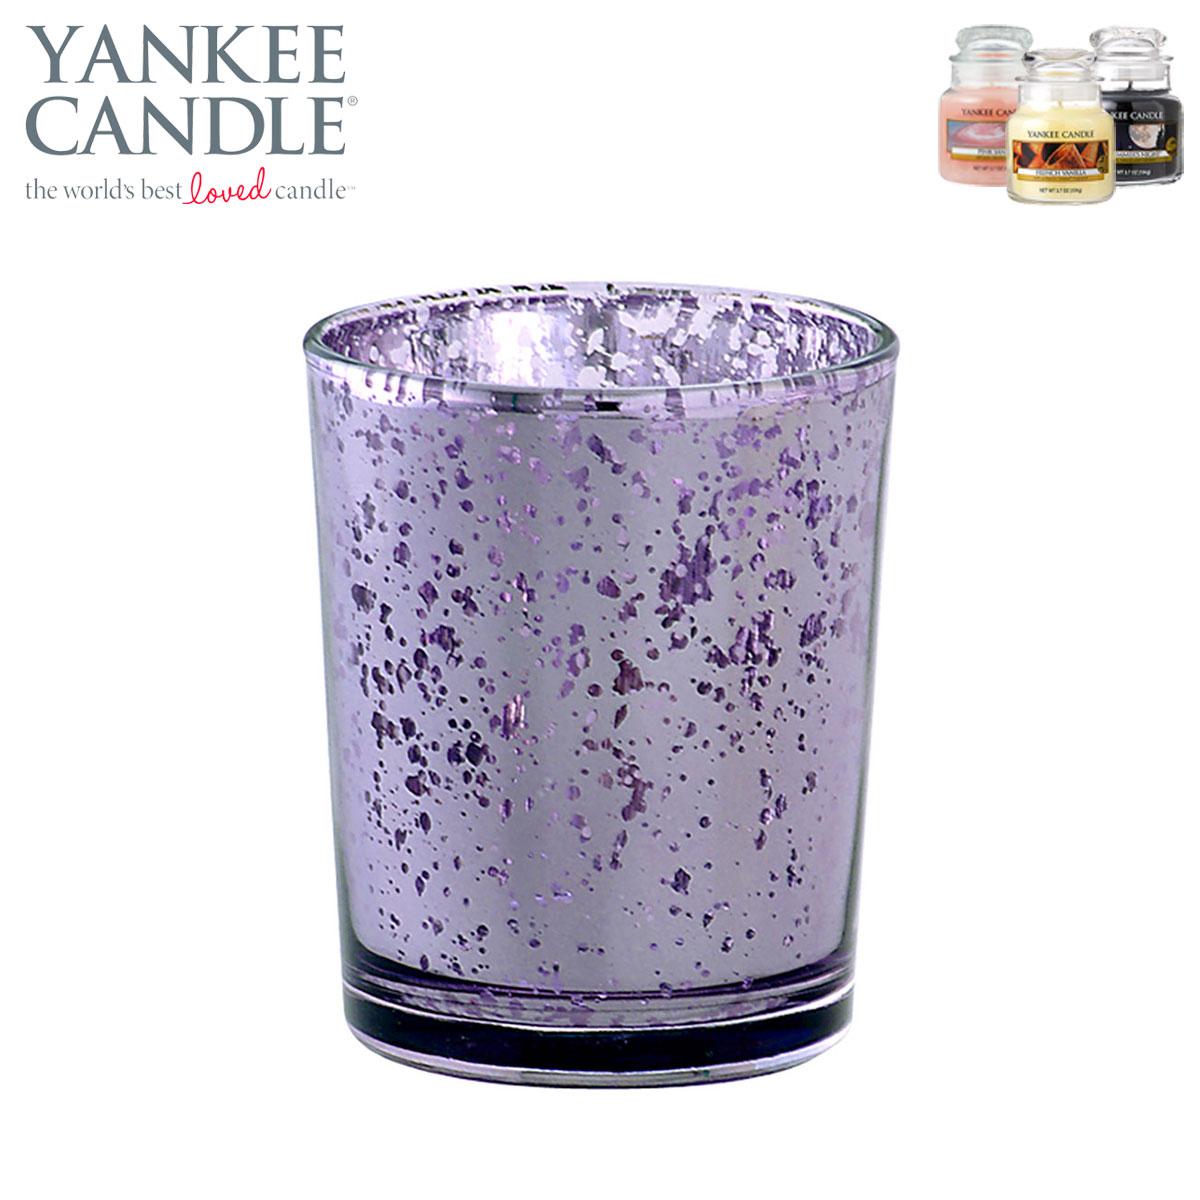 ヤンキーキャンドル YANKEE CANDLE 正規販売店 グラス ヴィンテージ(ビンテージ)グラス パープル (J5560000PU) A49B B3C C3D D0E E00F